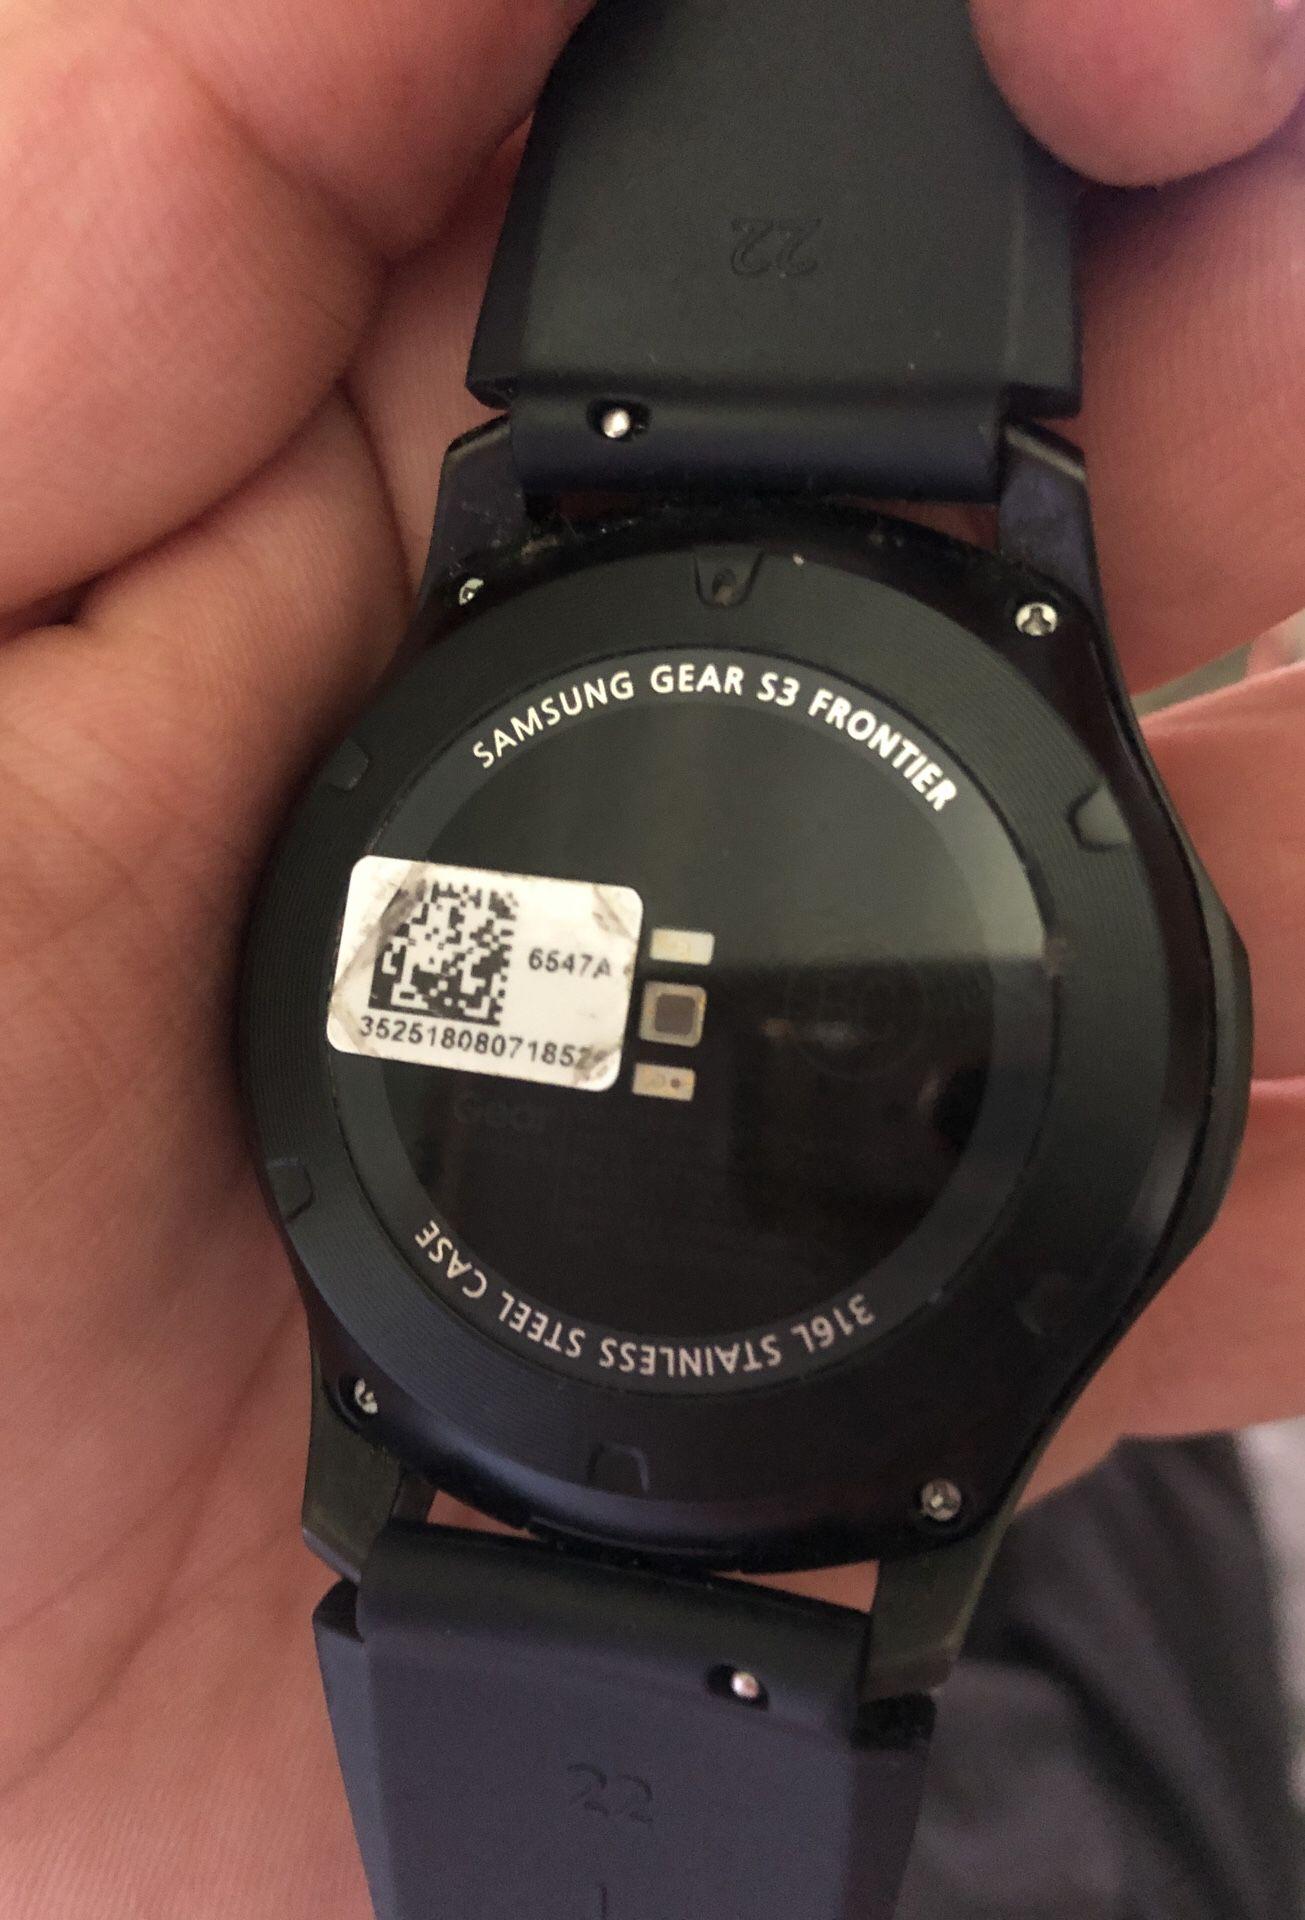 Samsung s3 frontier .